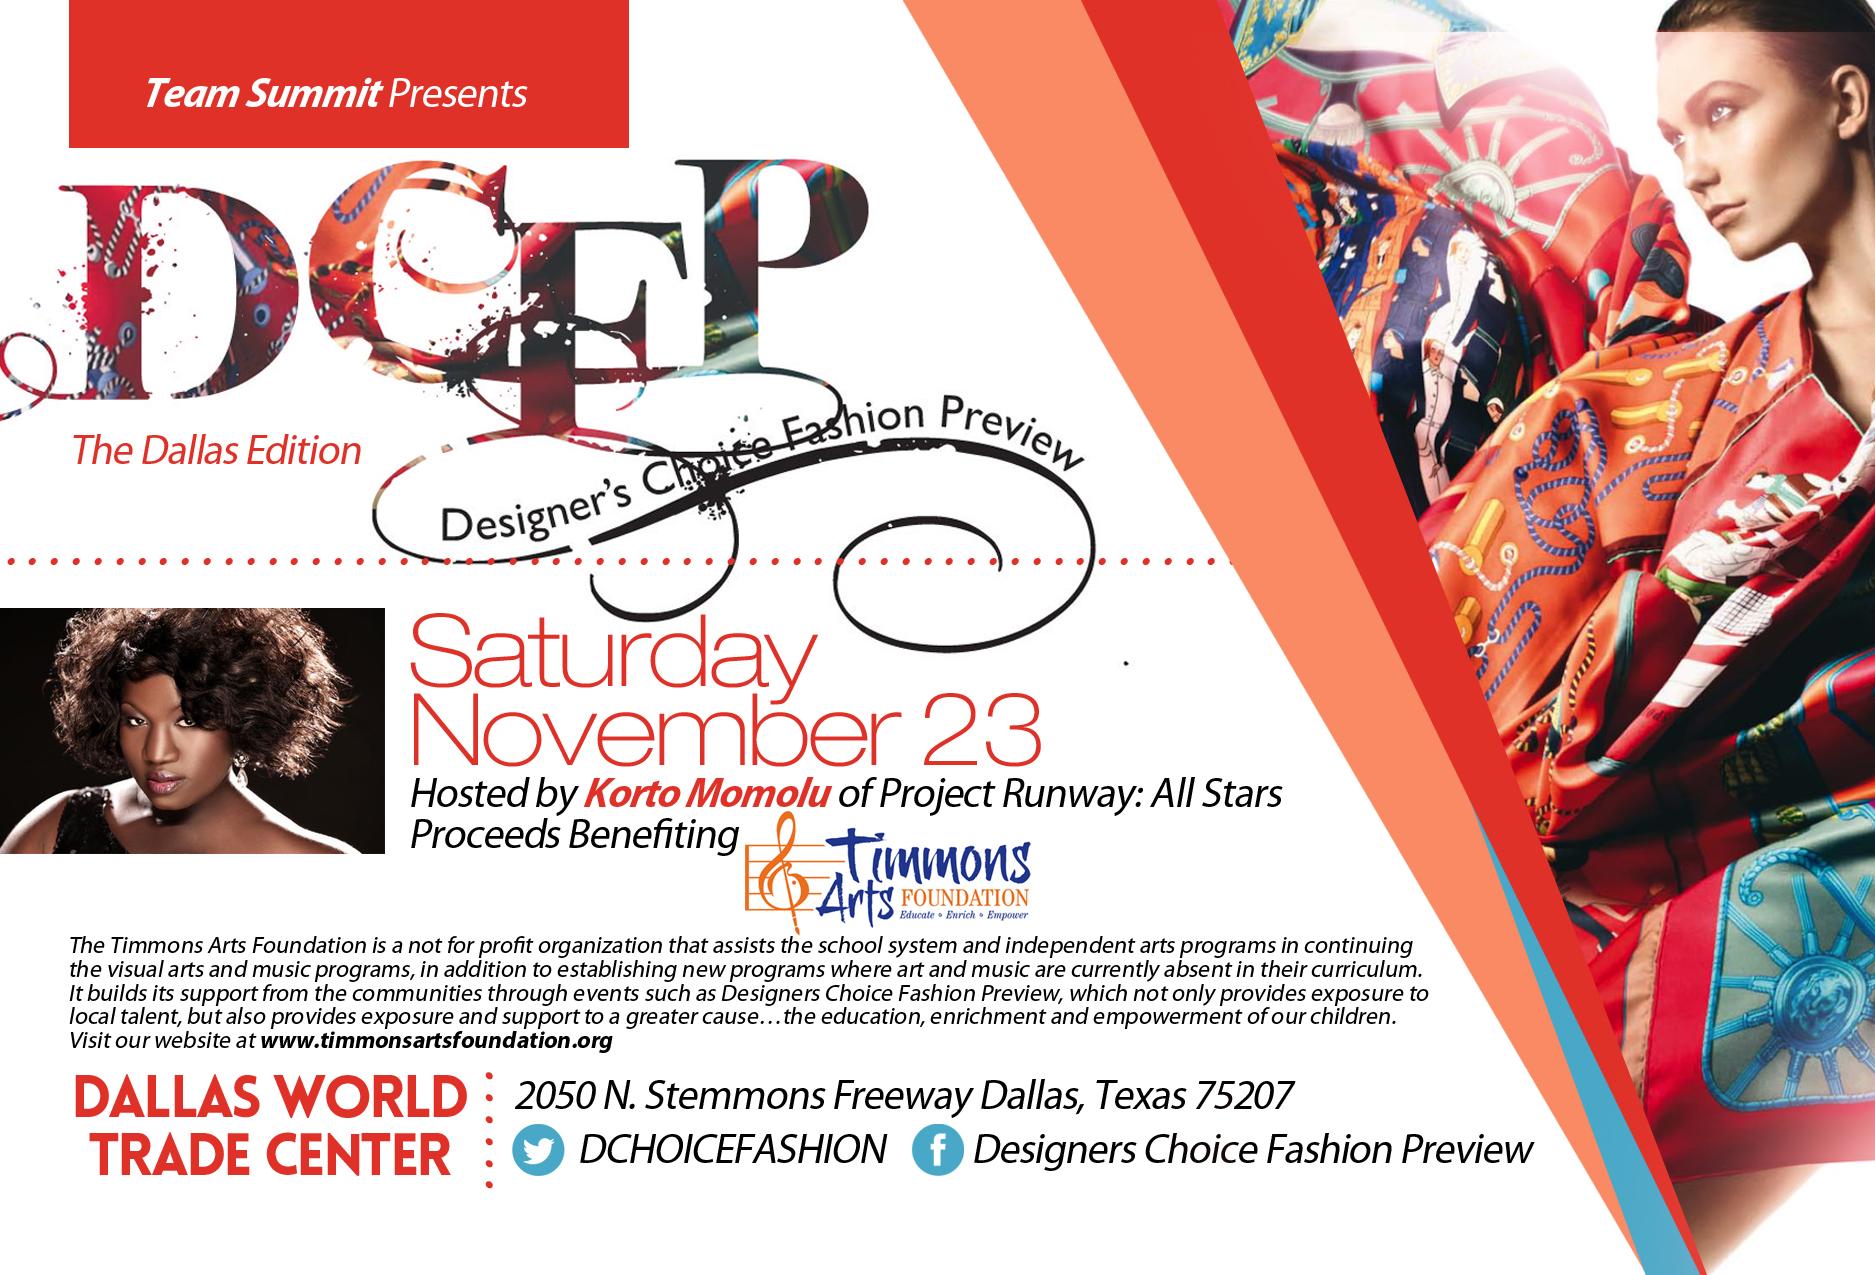 Designersw Choice Fashion Preview Dallas